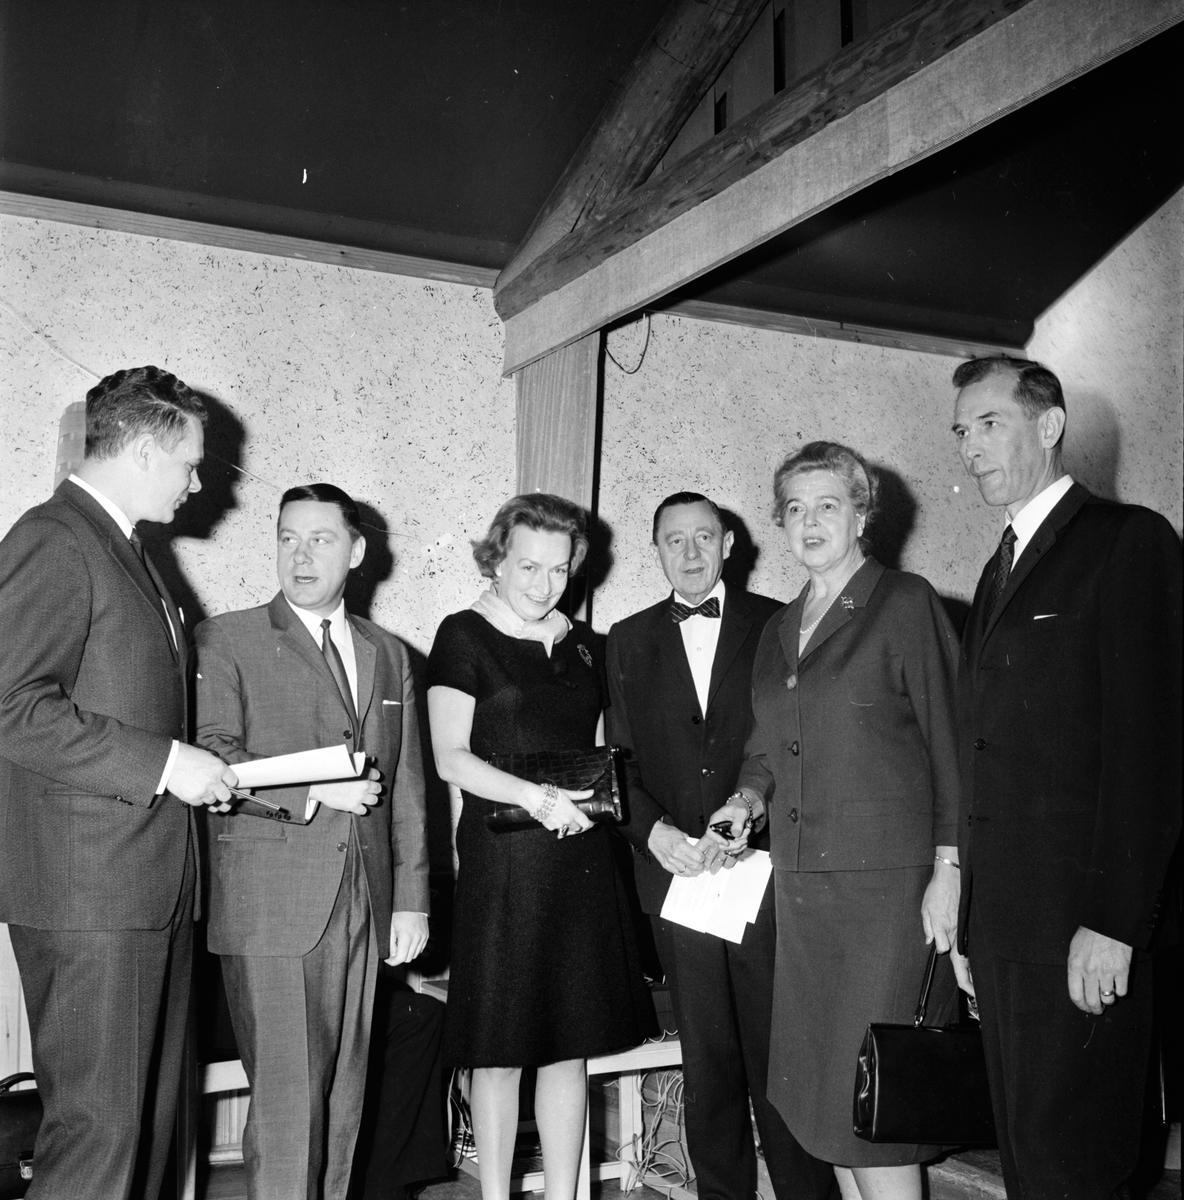 Turistkonferens i Hudiksvall, 7 December 1966